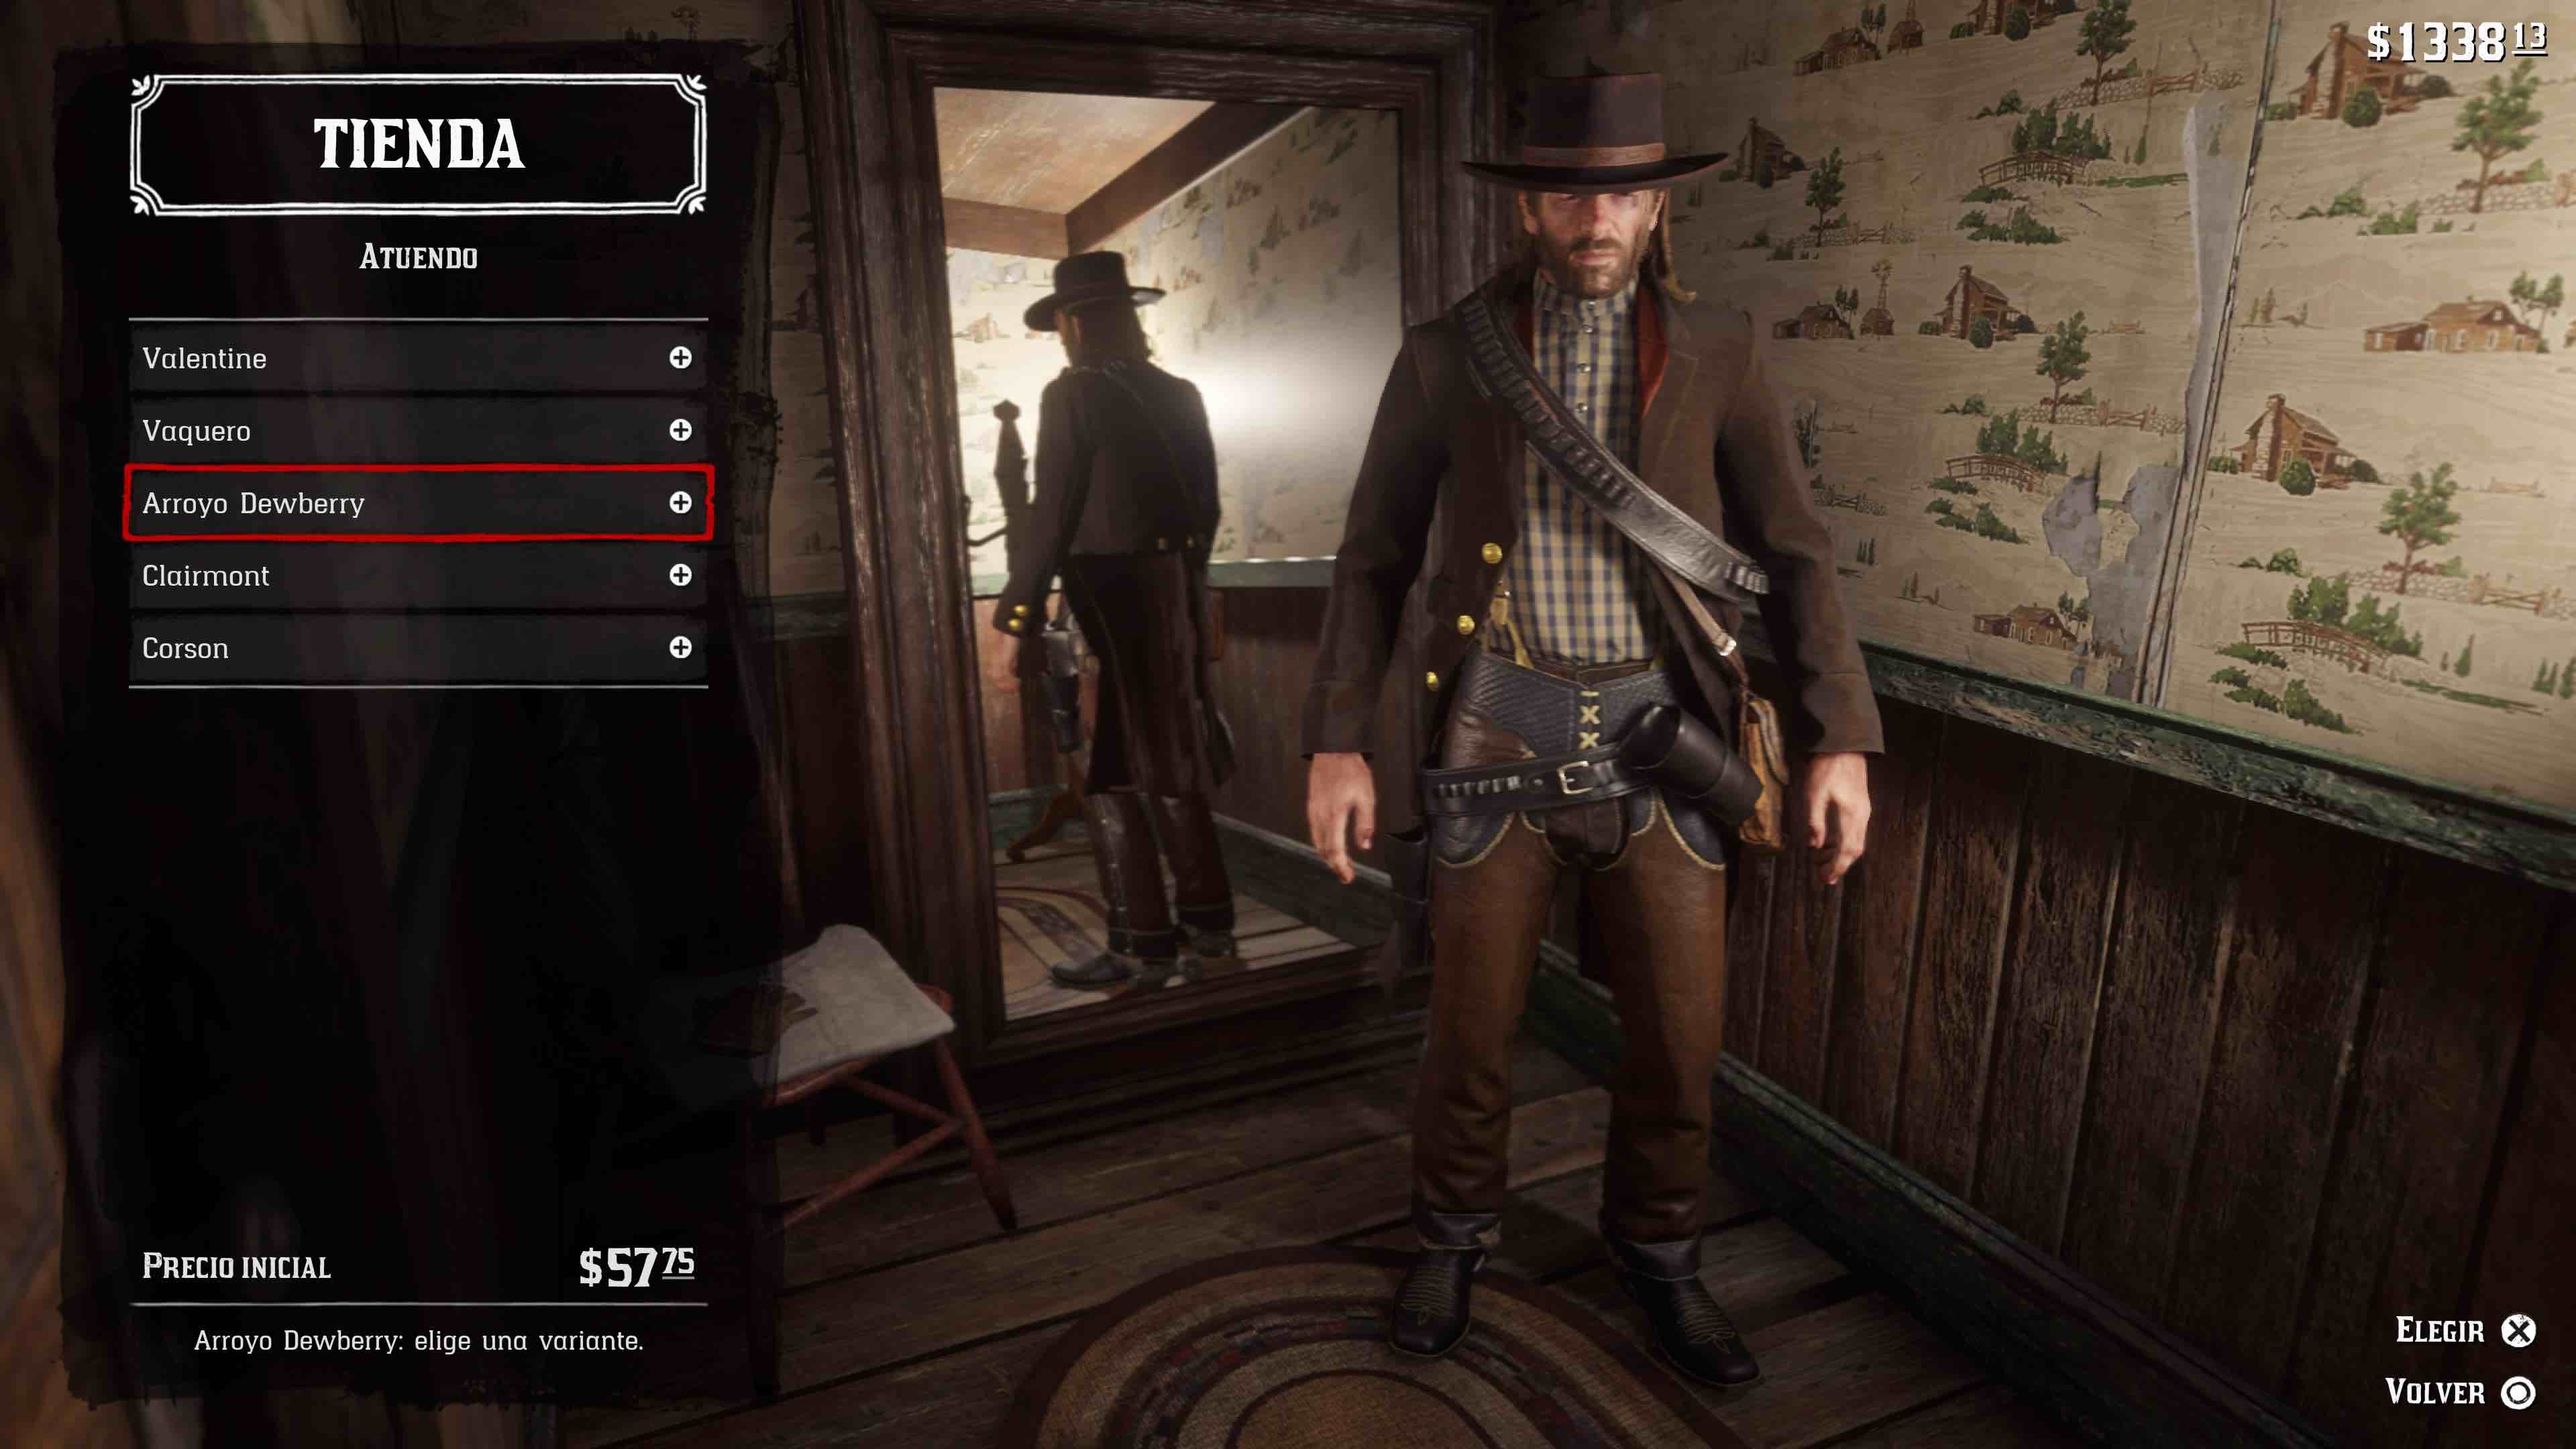 Red Dead Redemption 2 atuendos Valentine